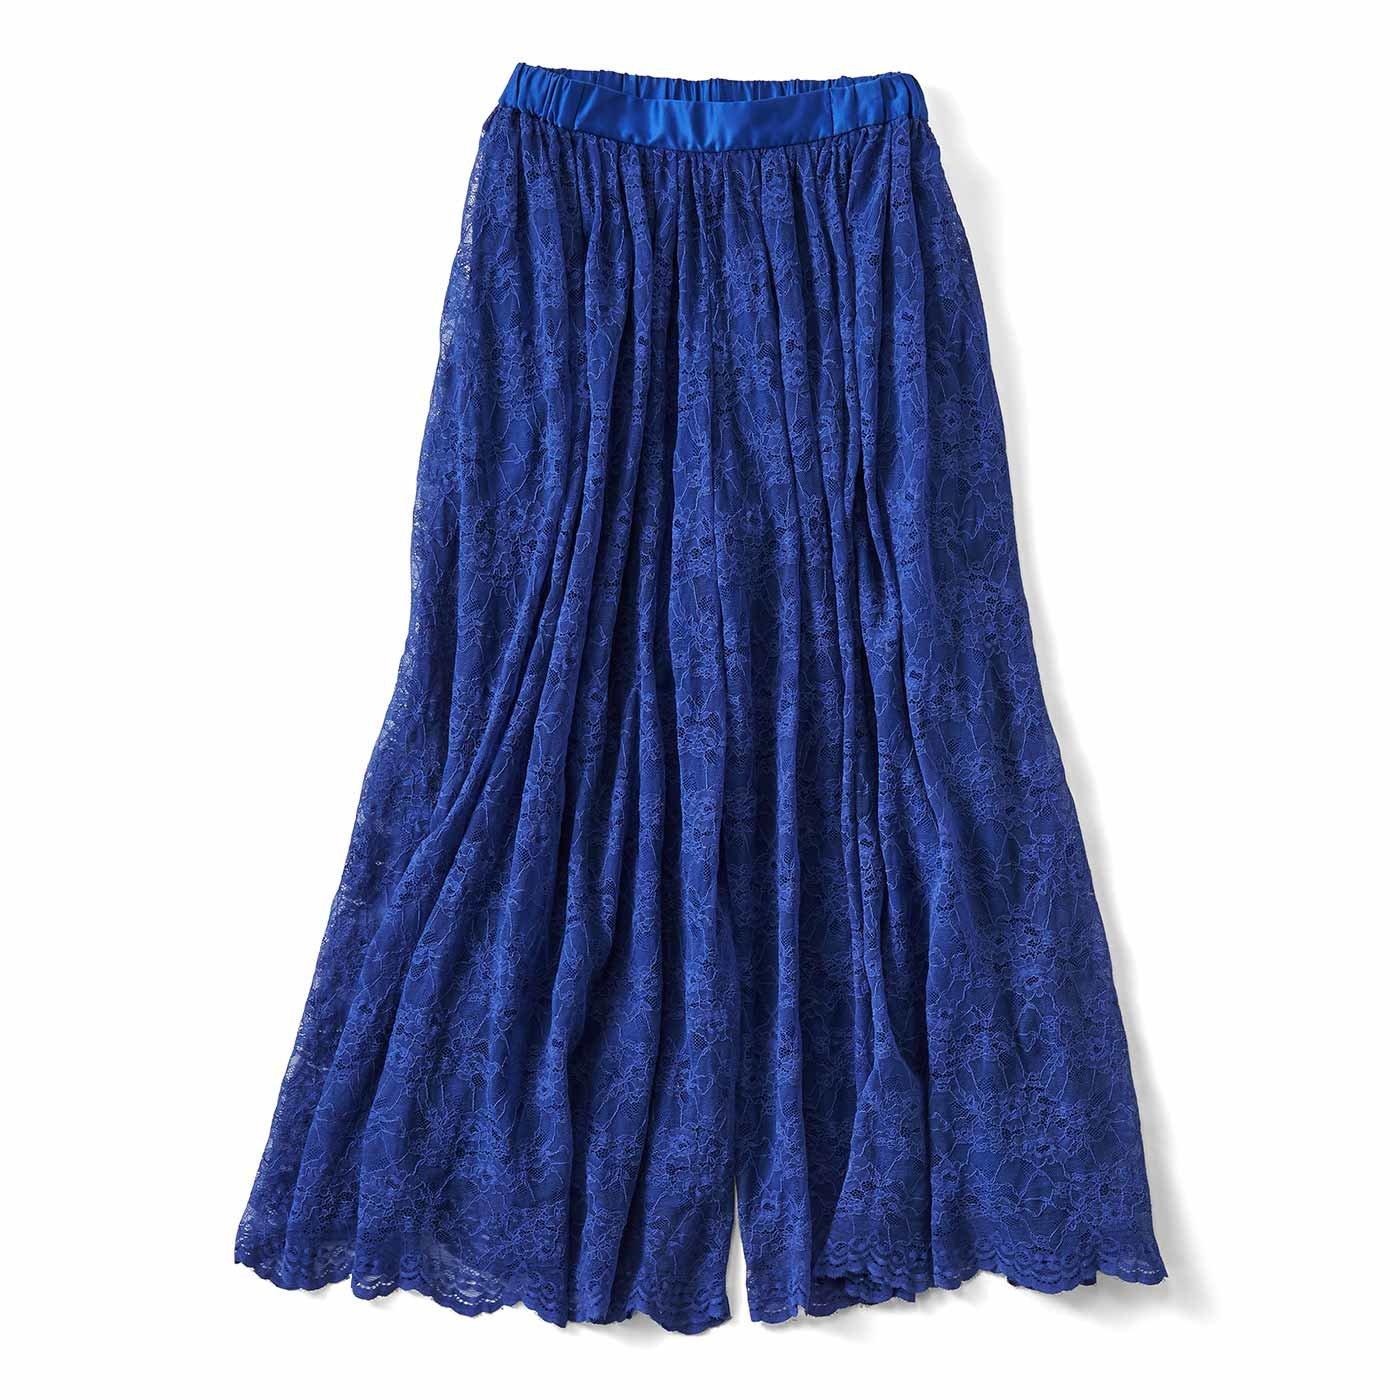 IEDIT[イディット] 吸汗速乾裏地付きのスカート見えシアーレースパンツ〈ロイヤルブルー〉